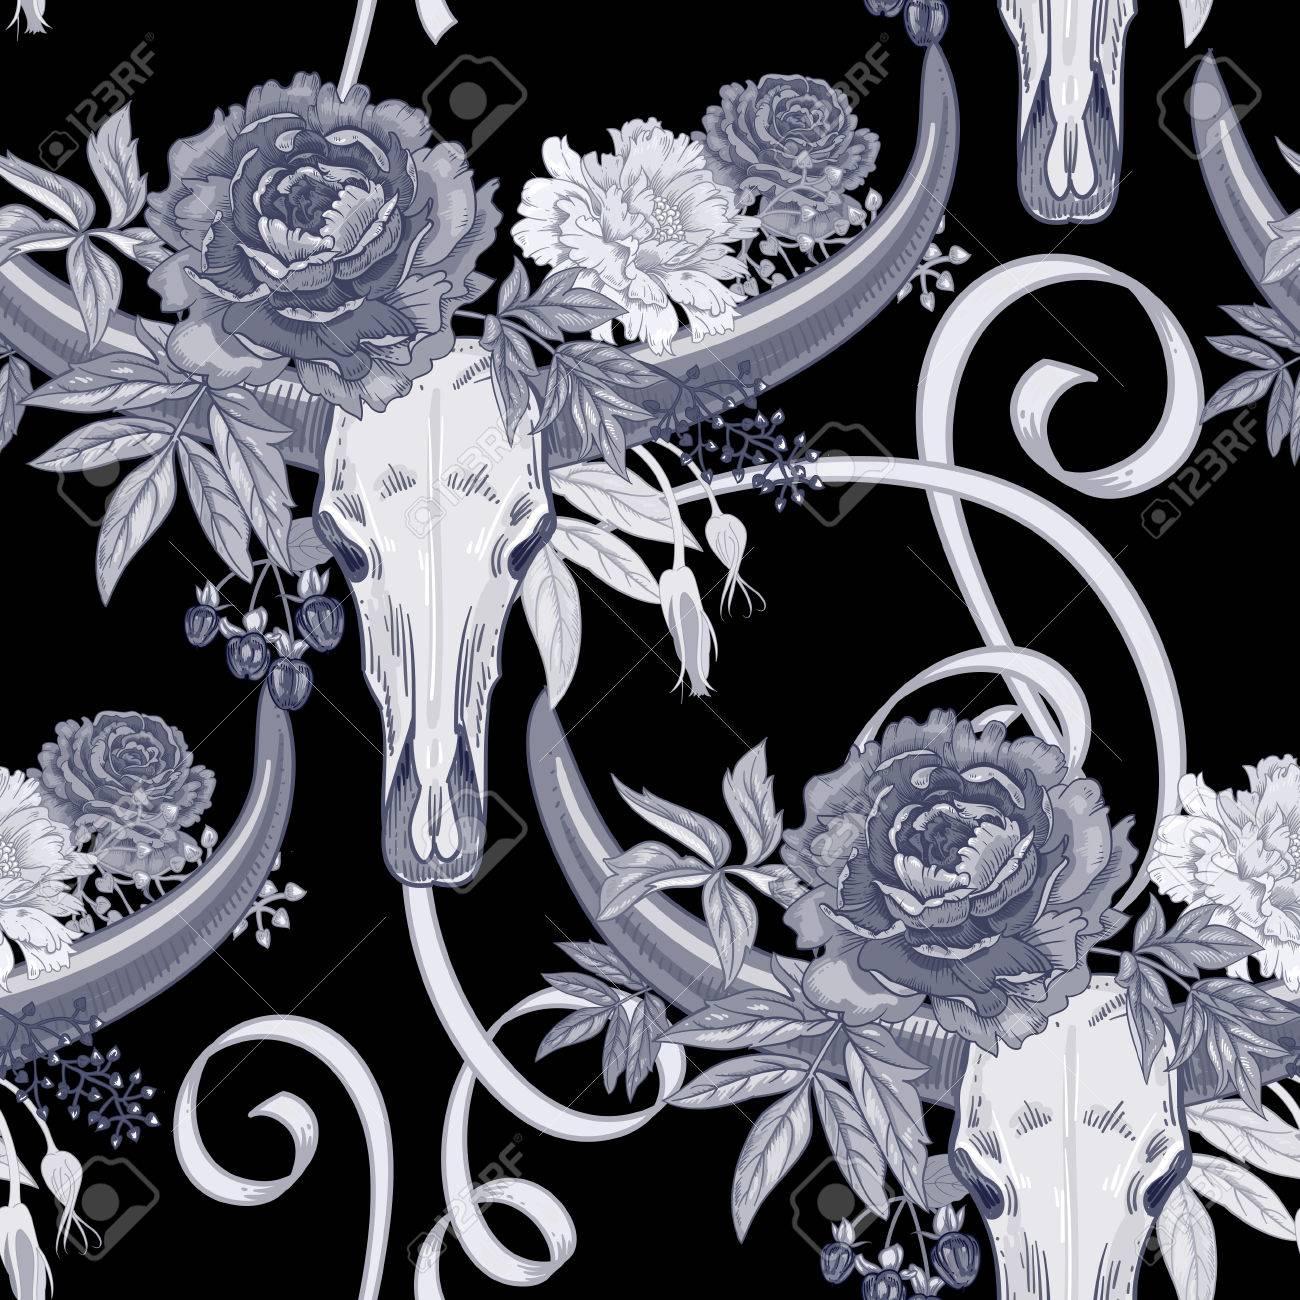 Vector Hintergrund Mit Dem Bild Der Gartenblumen Pfingstrose, Rosen ...